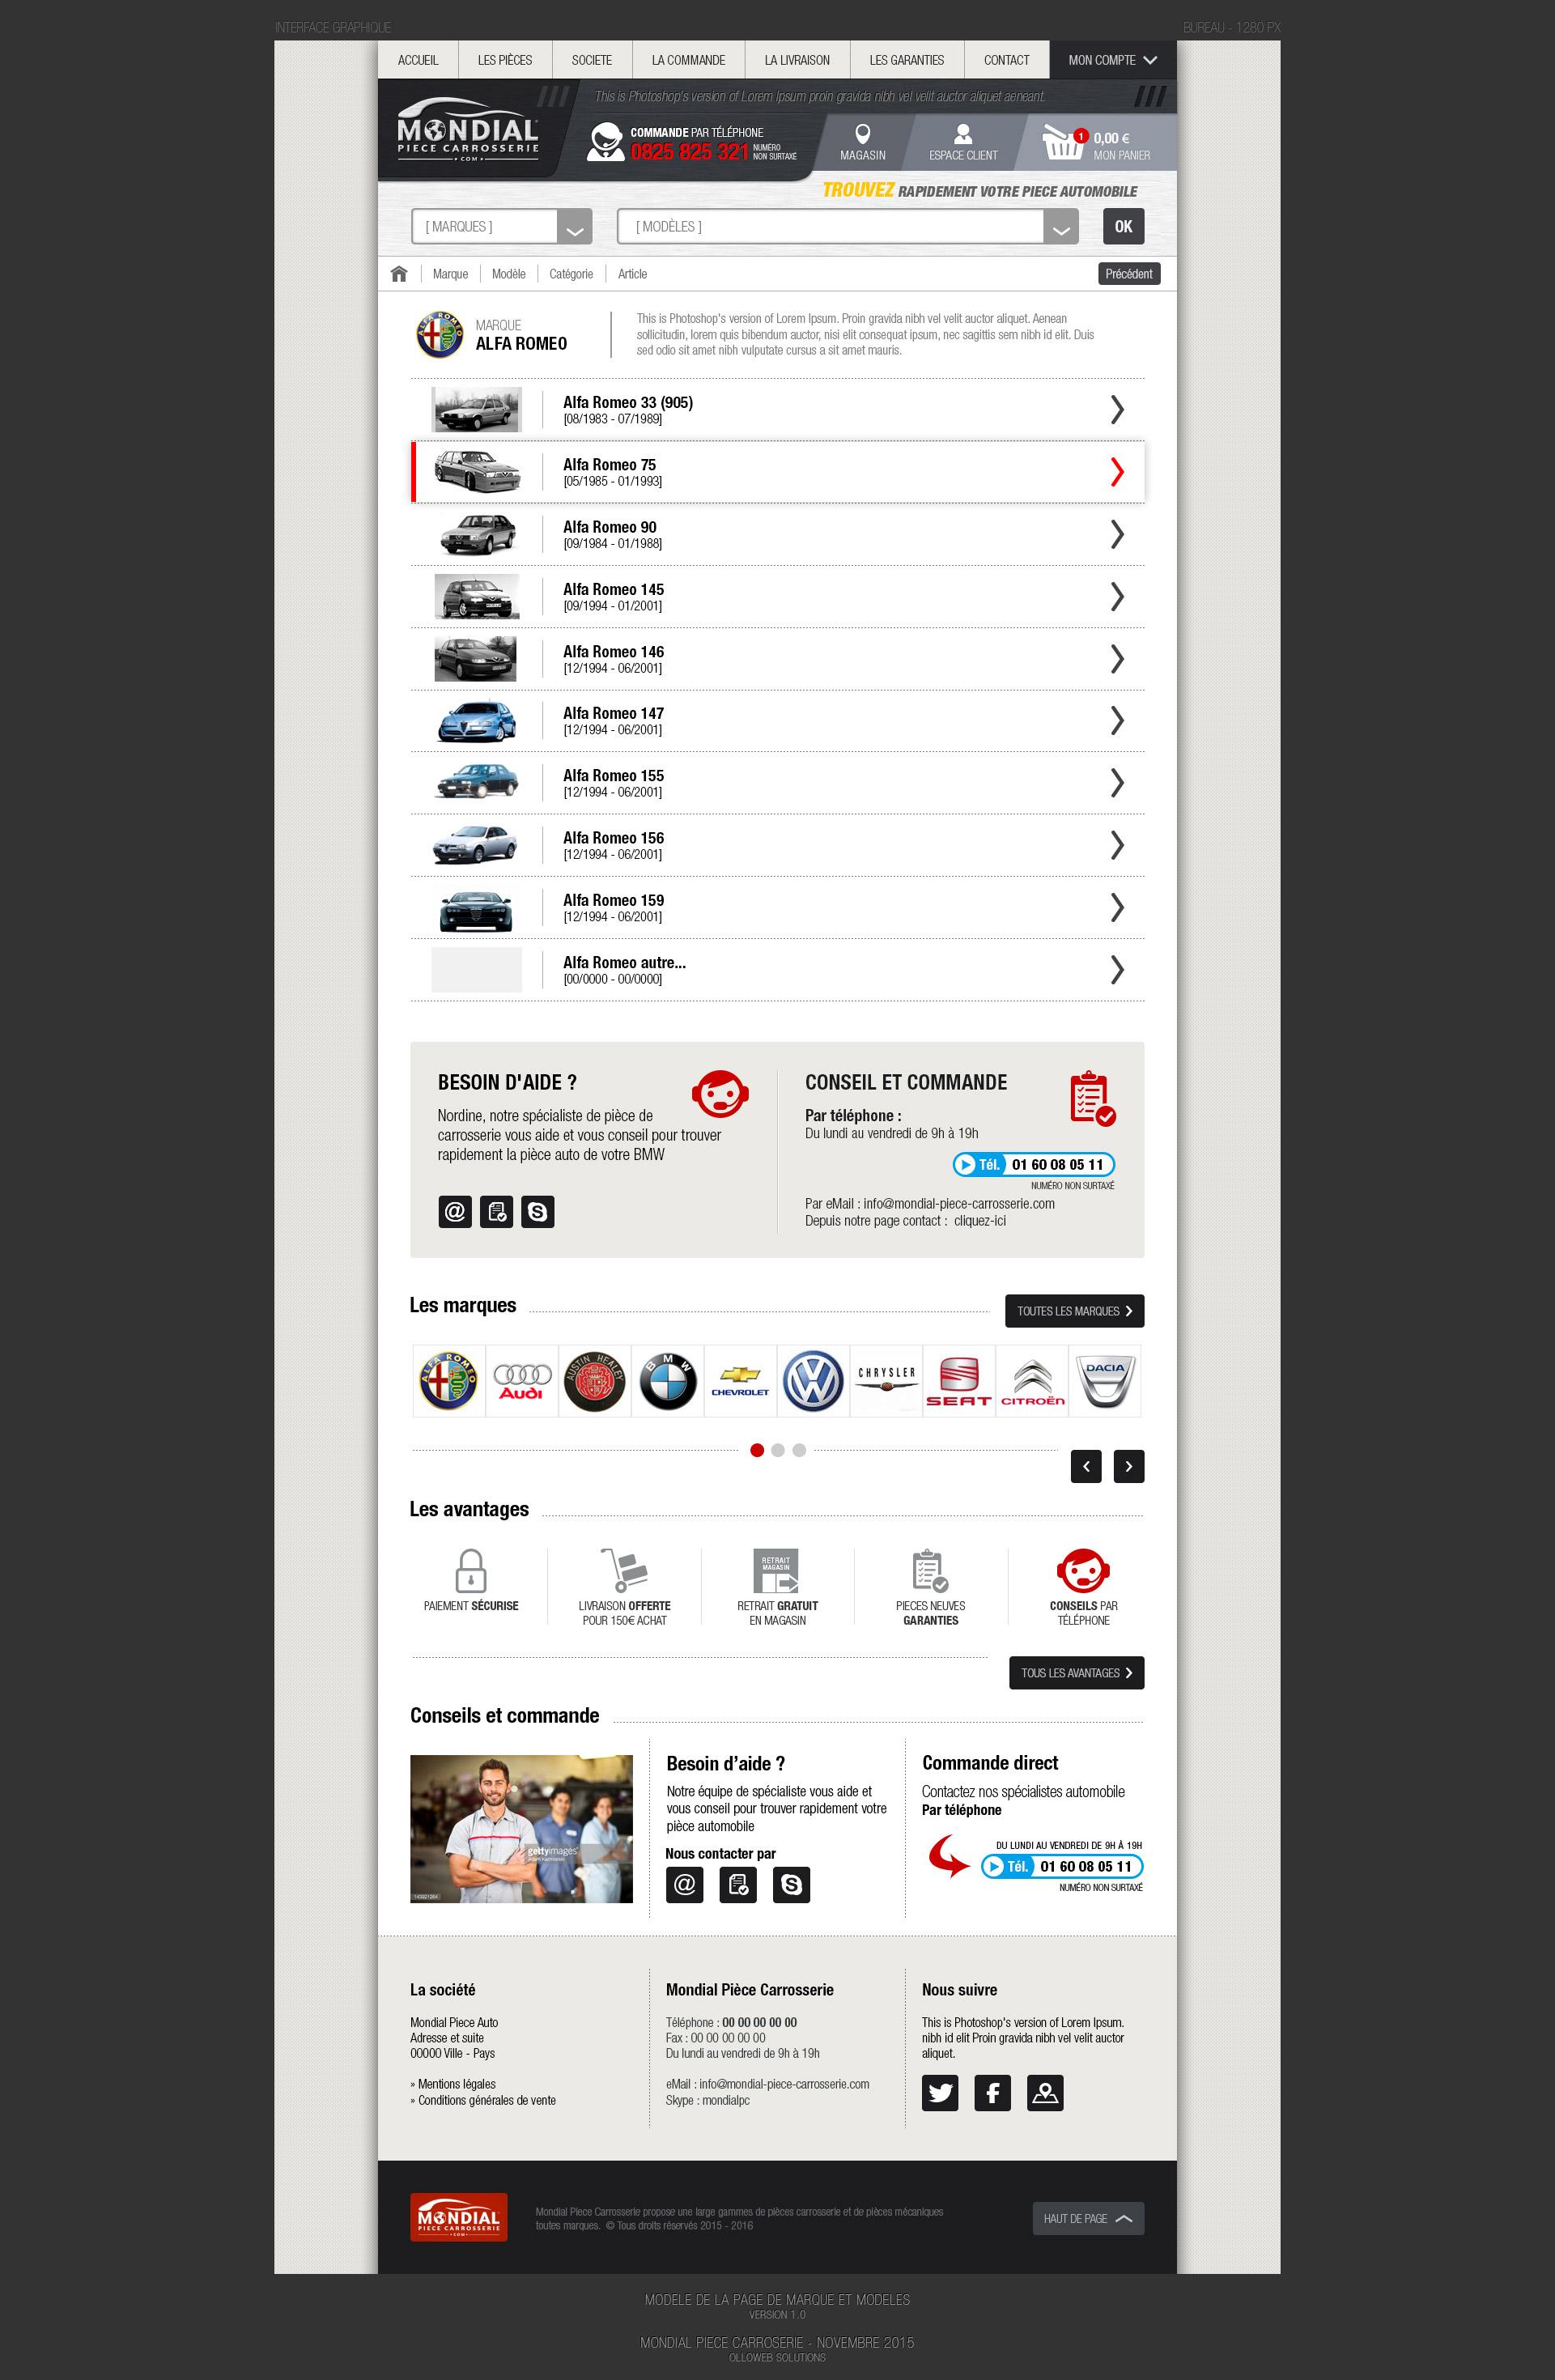 Création de la page marque et modèles